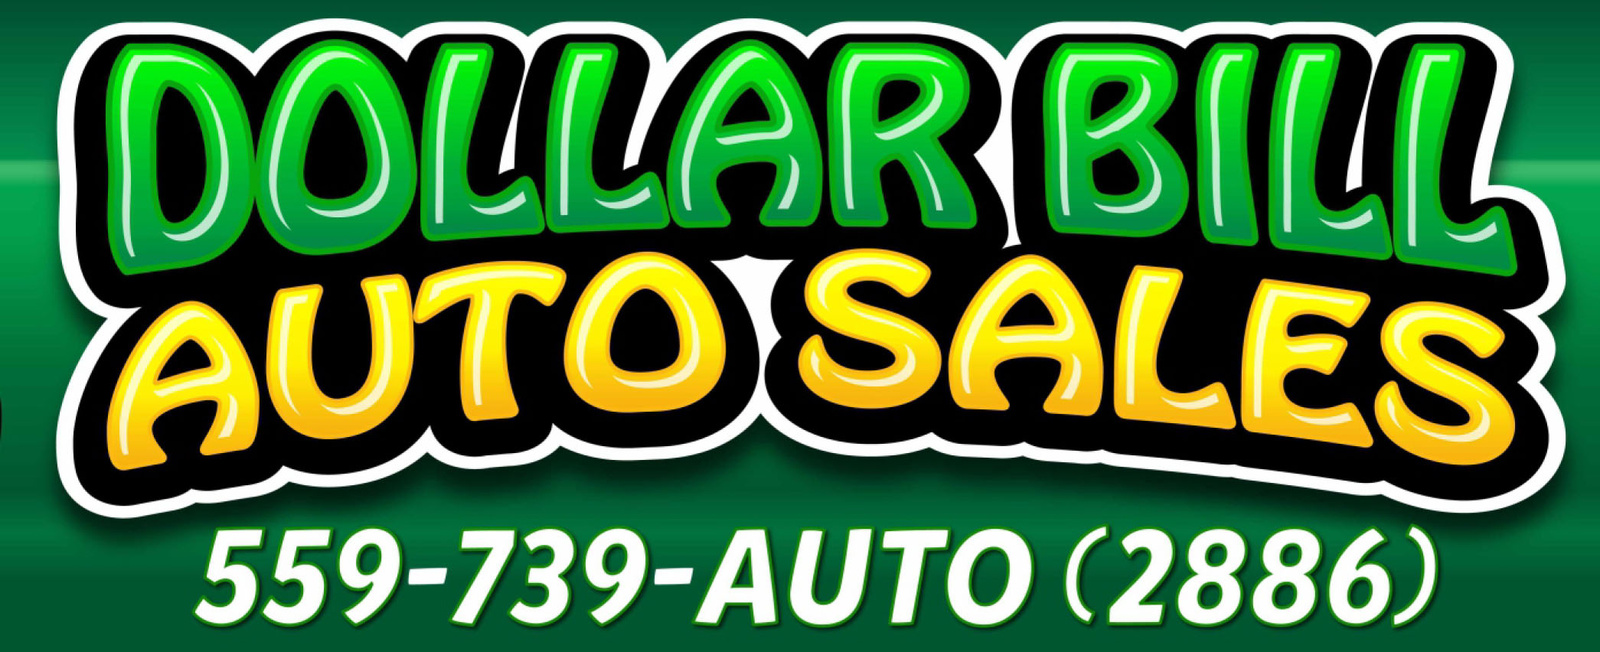 Nissan Of Visalia >> Dollar Bill Auto Sales - Visalia, CA: Read Consumer ...